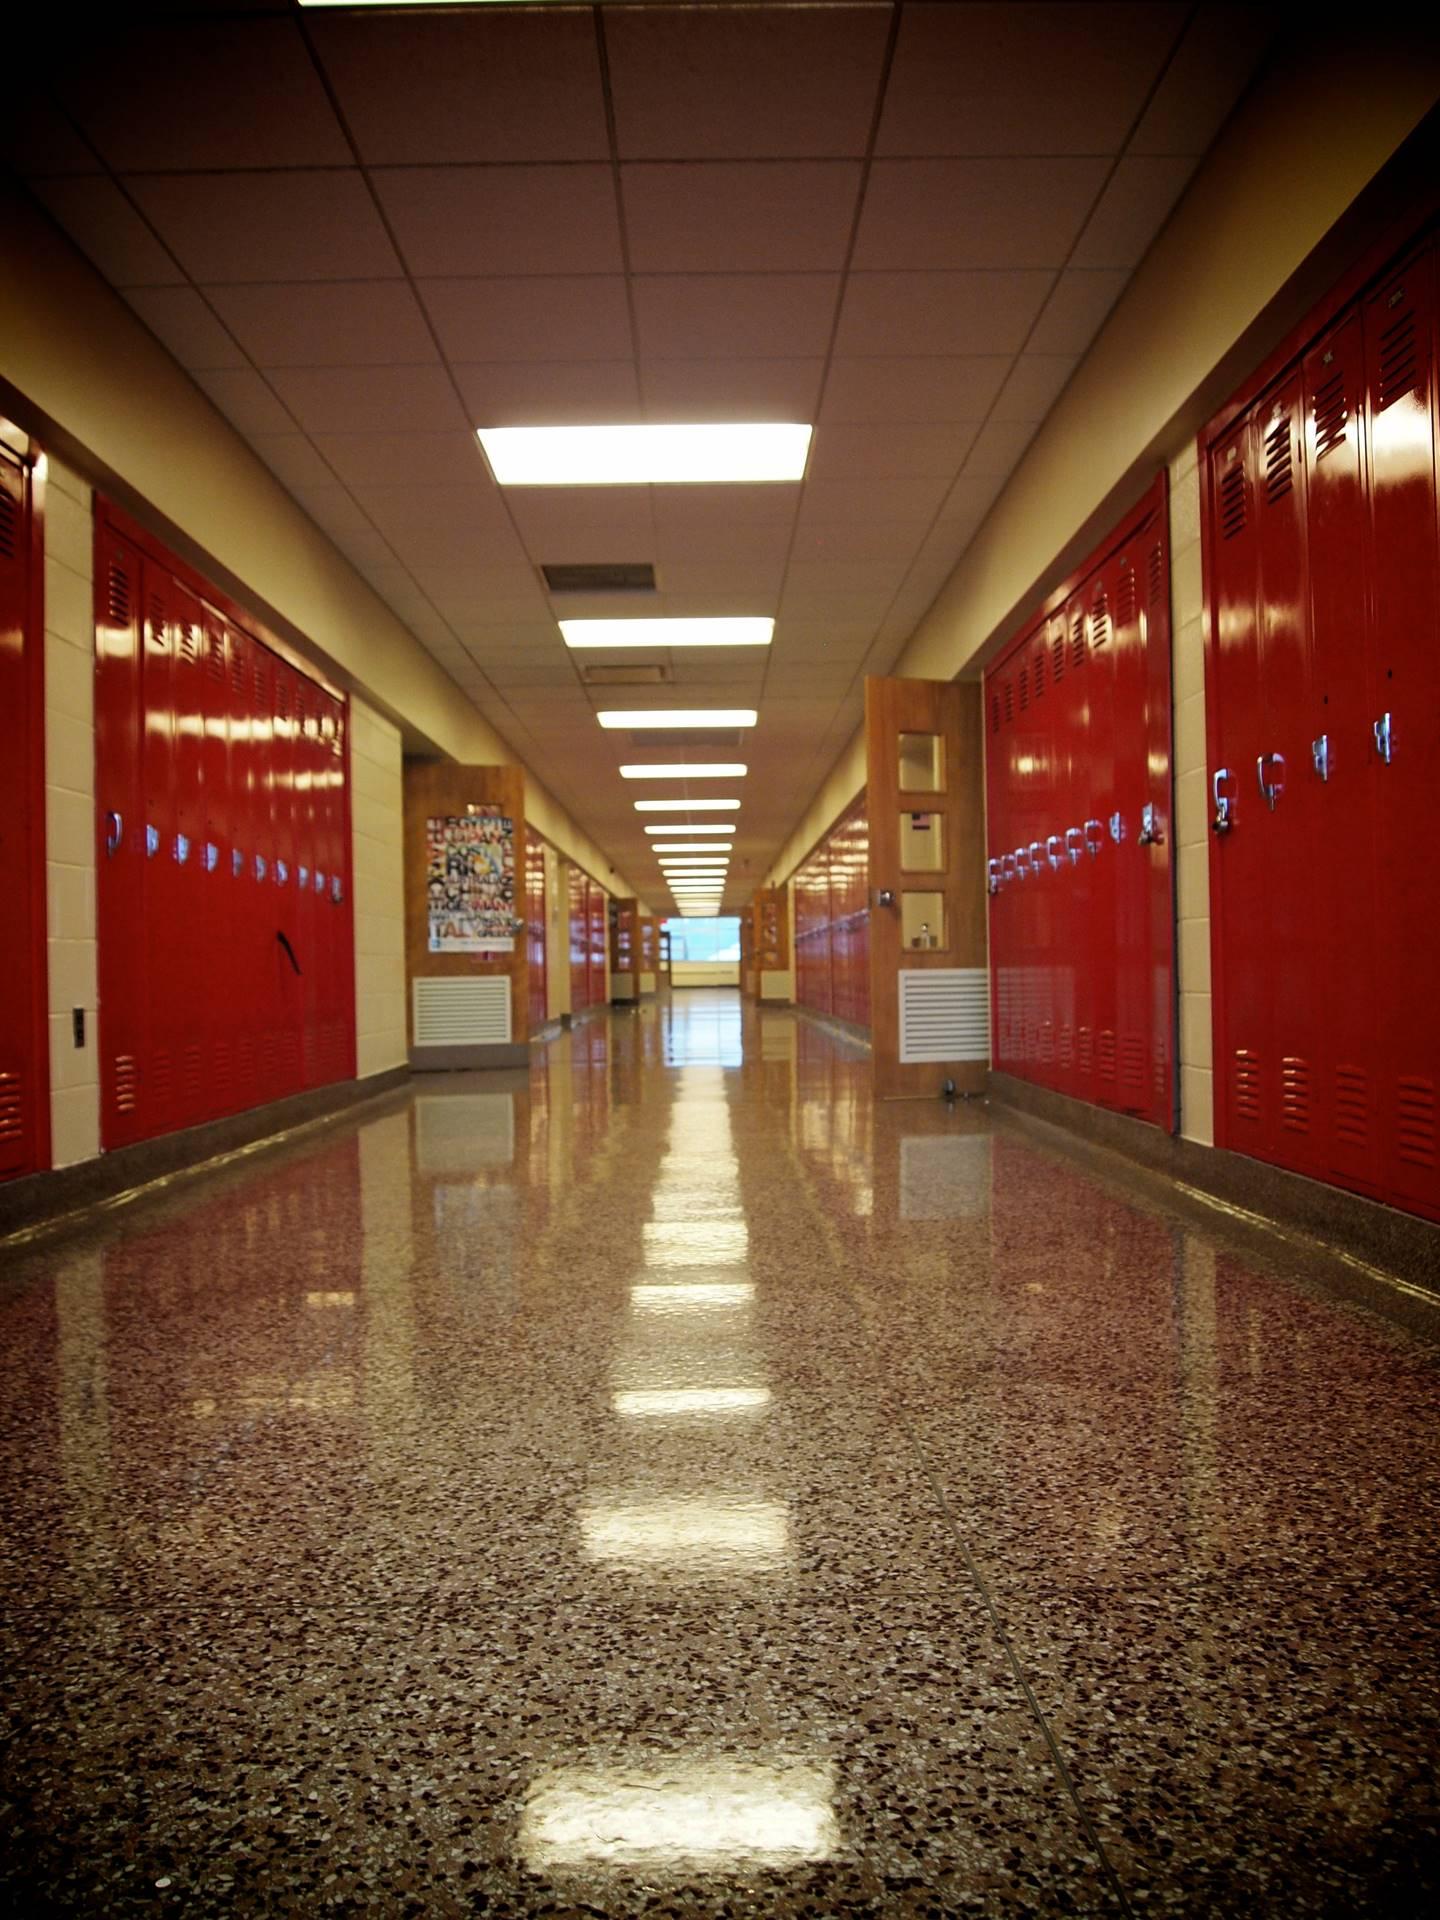 Lutheran-West-hallways